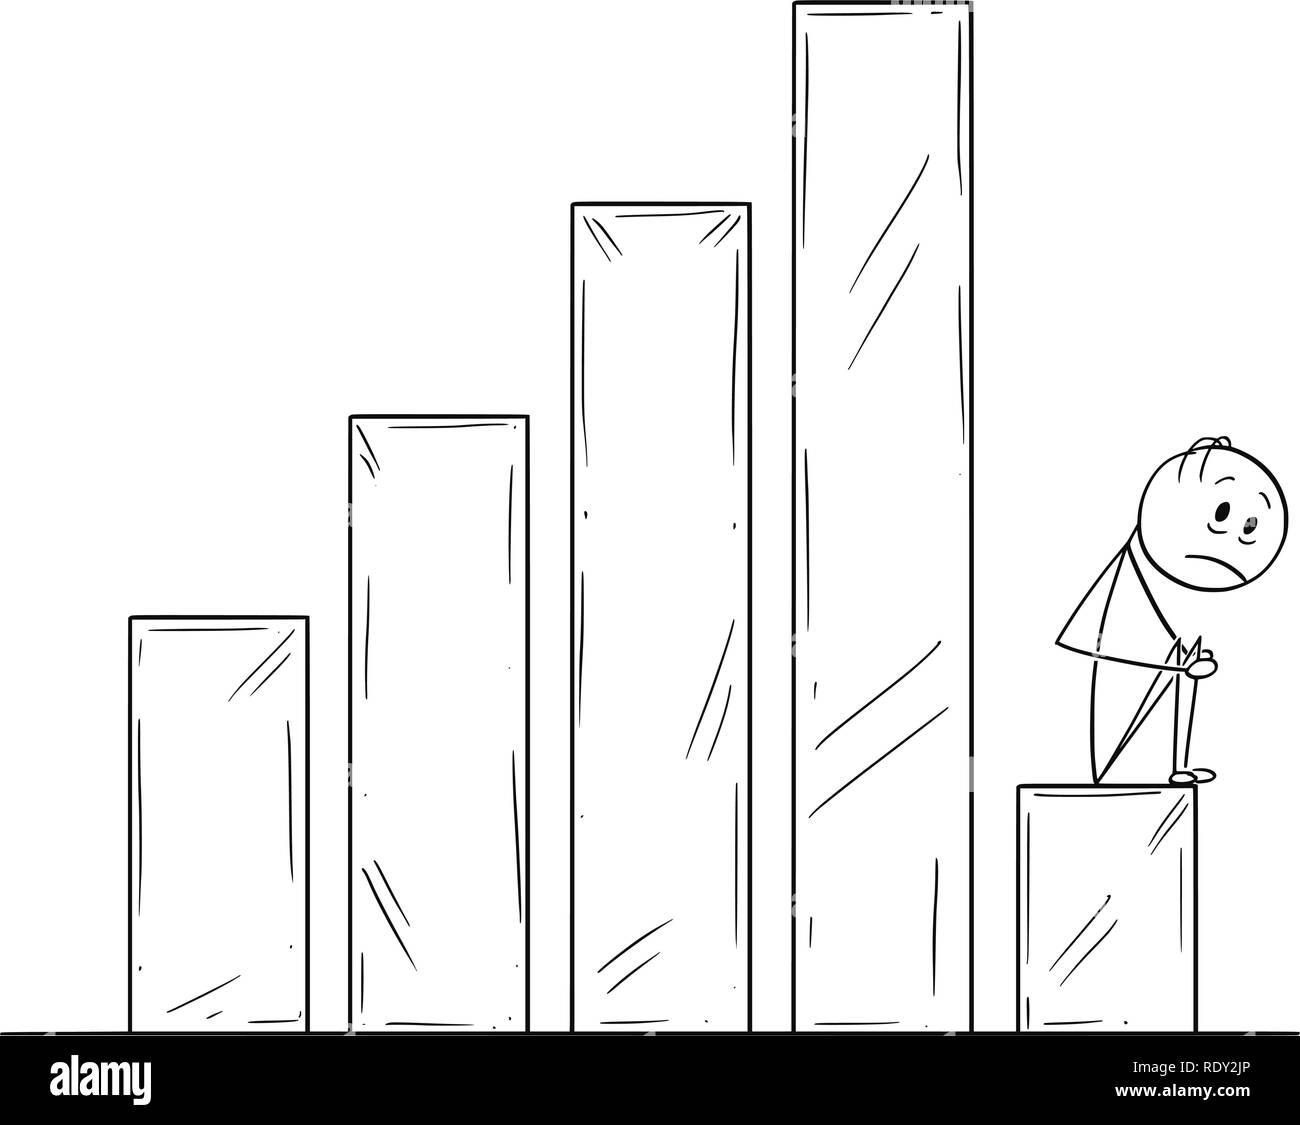 Caricature de l'homme triste ou déprimé ou Businessman Sitting on graphique ou diagramme d'affaires en baisse Illustration de Vecteur